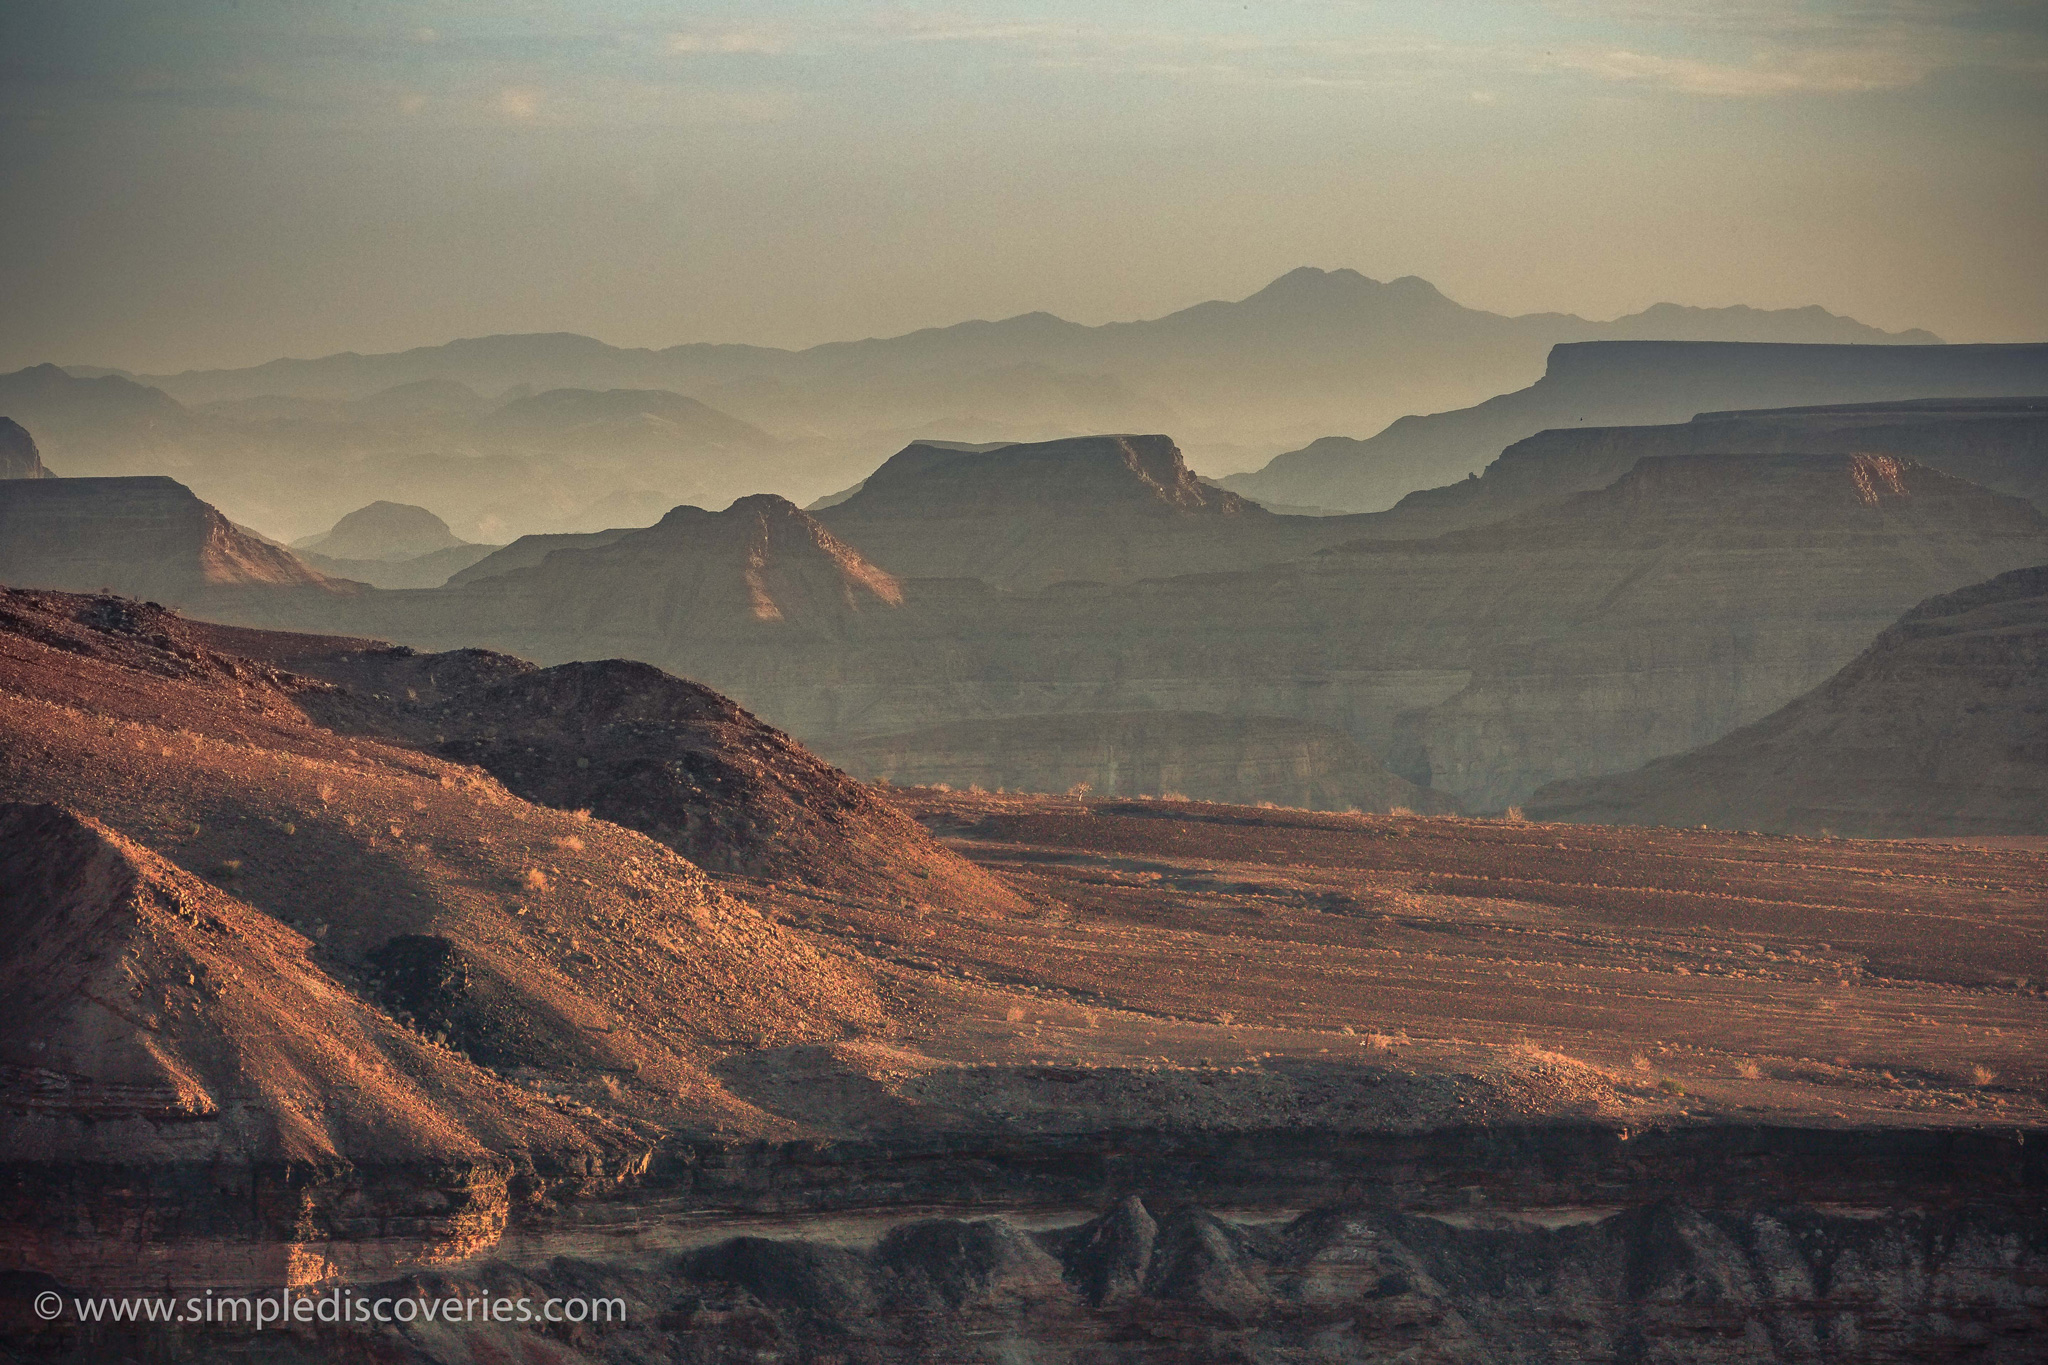 Namibia_Fish_River_Canyon